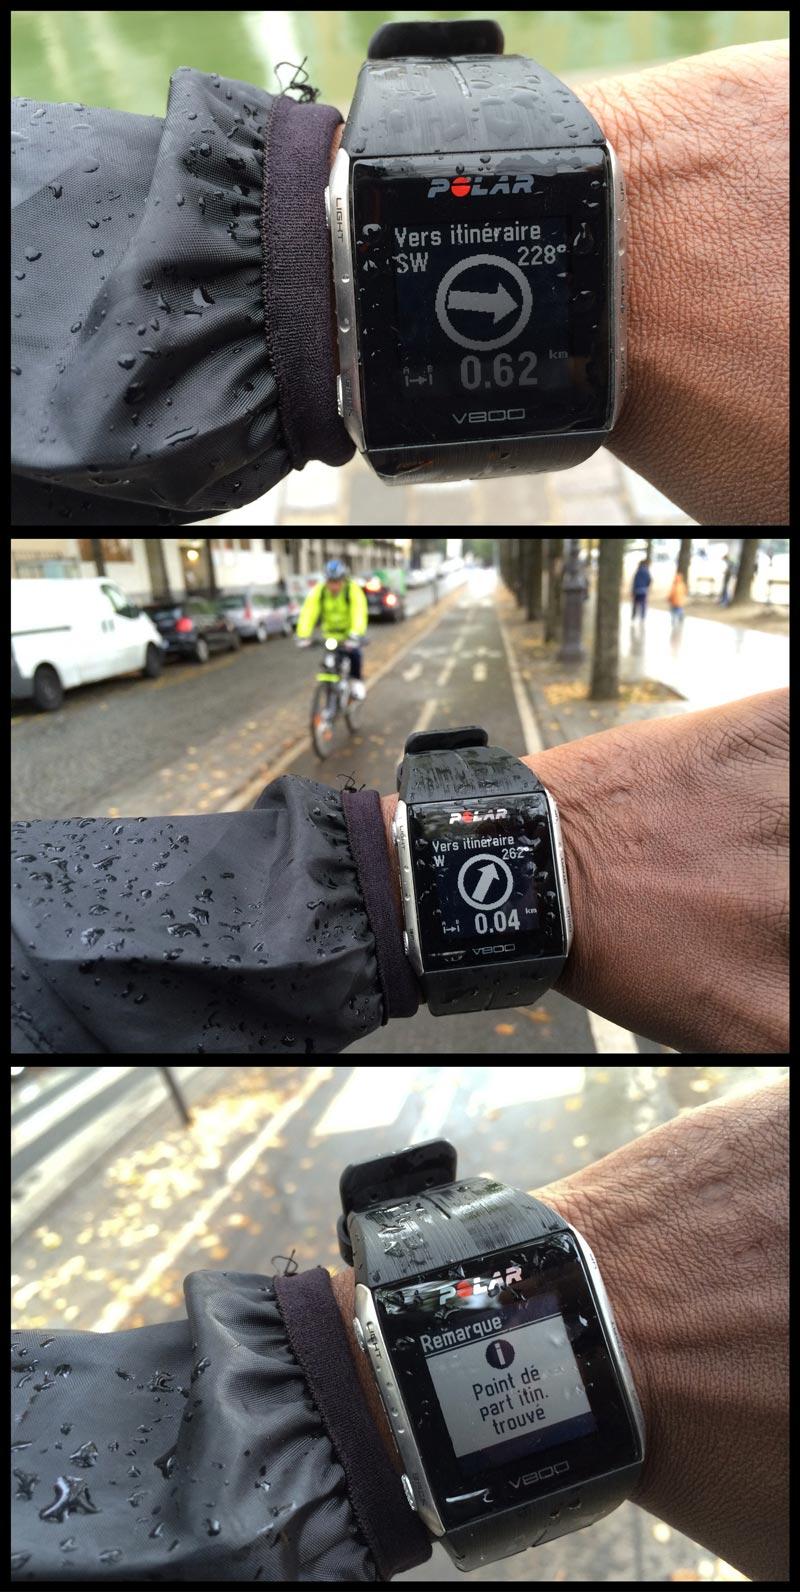 La montre de sport Polar V800 en mode guidage GPS : la cible ici est le point de départ d'un circuit importé, Ph. Moctar KANE.